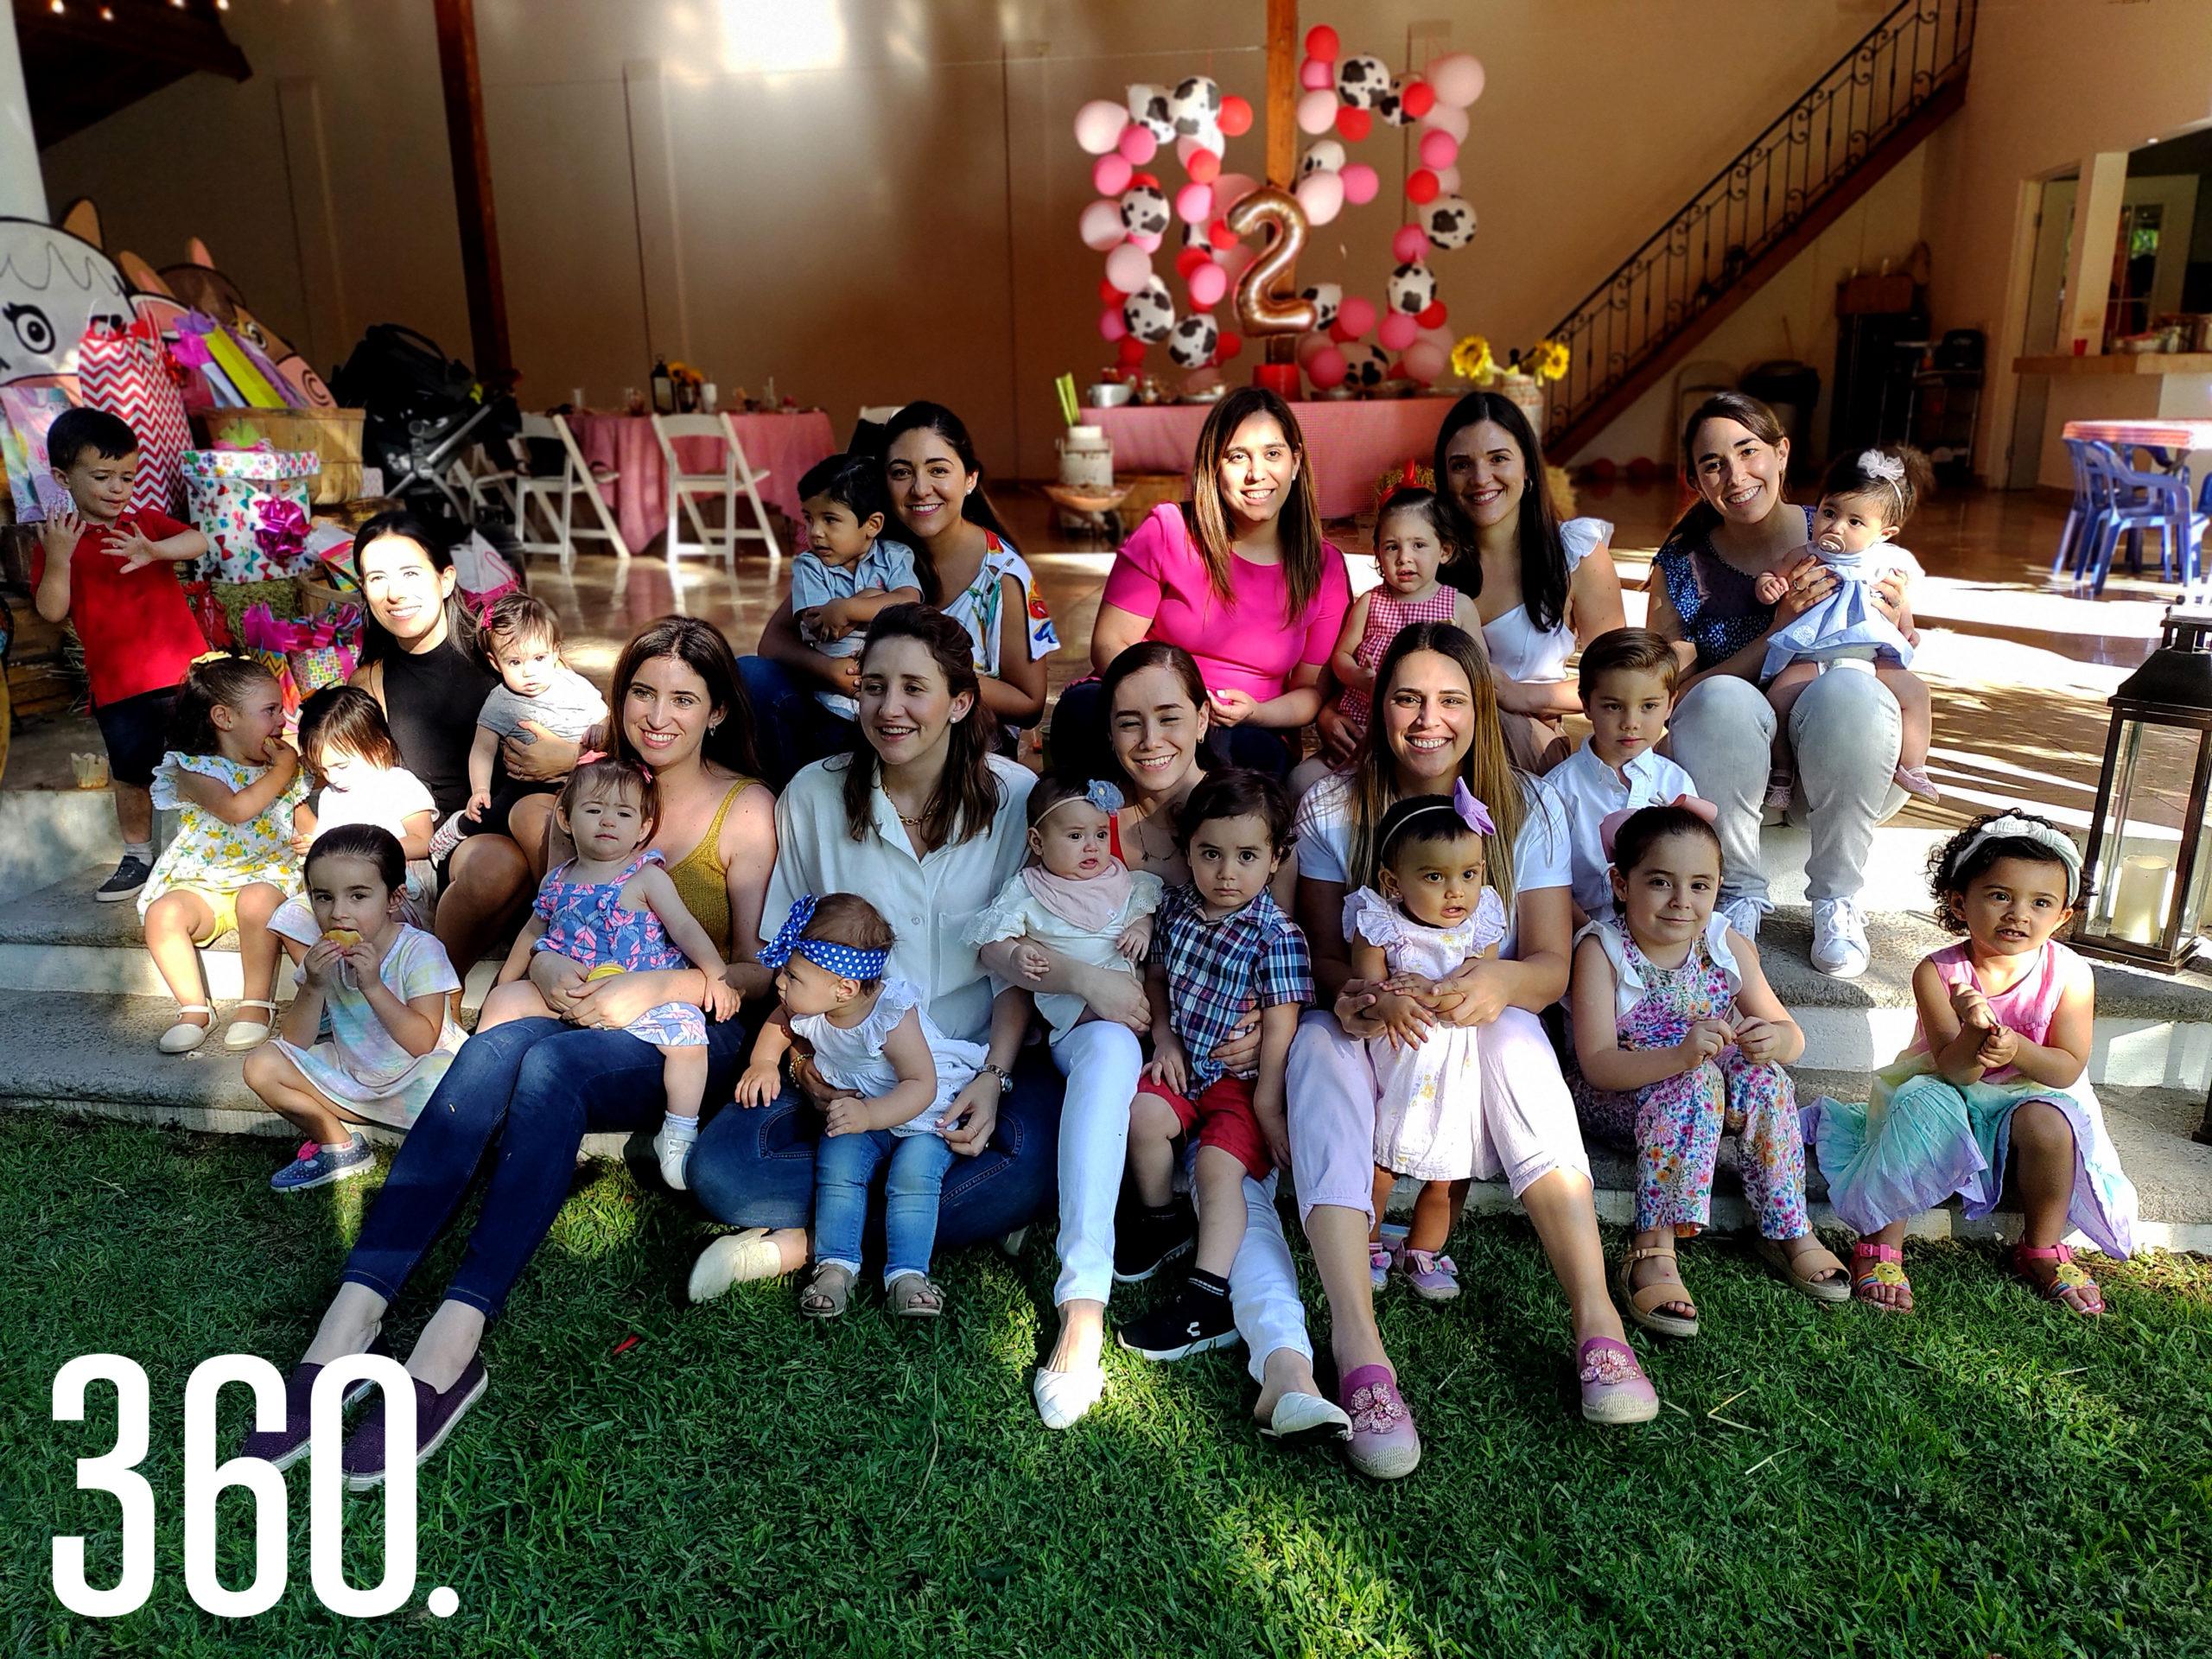 Ana Guajardo y su hija Regina acompañadas por sus invitados.